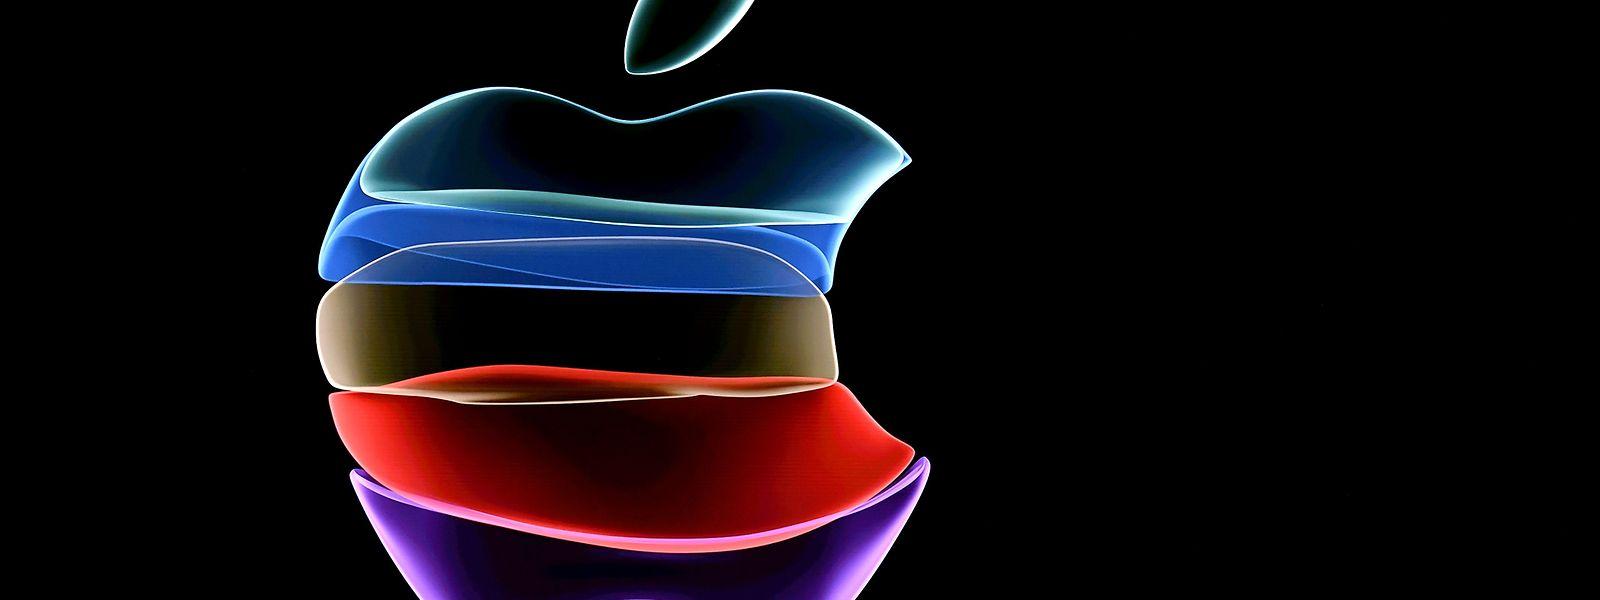 Apple ne devrait lancer son iPhone 12 que le mois prochain